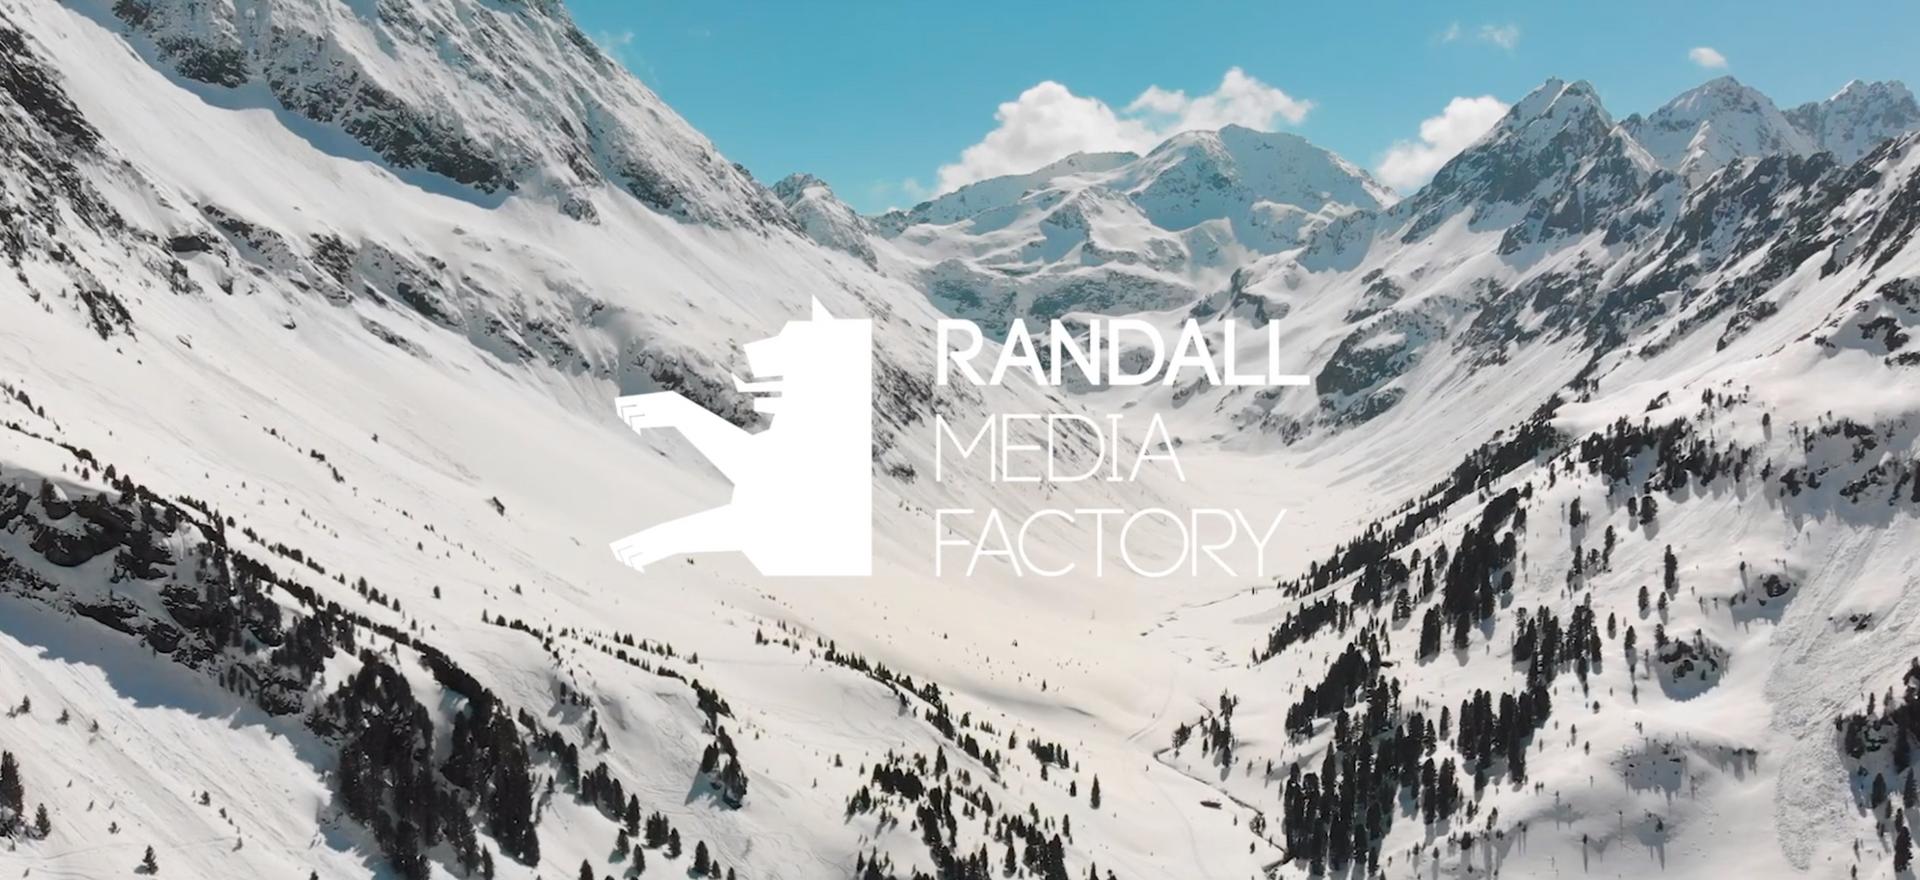 Randall Media Factory